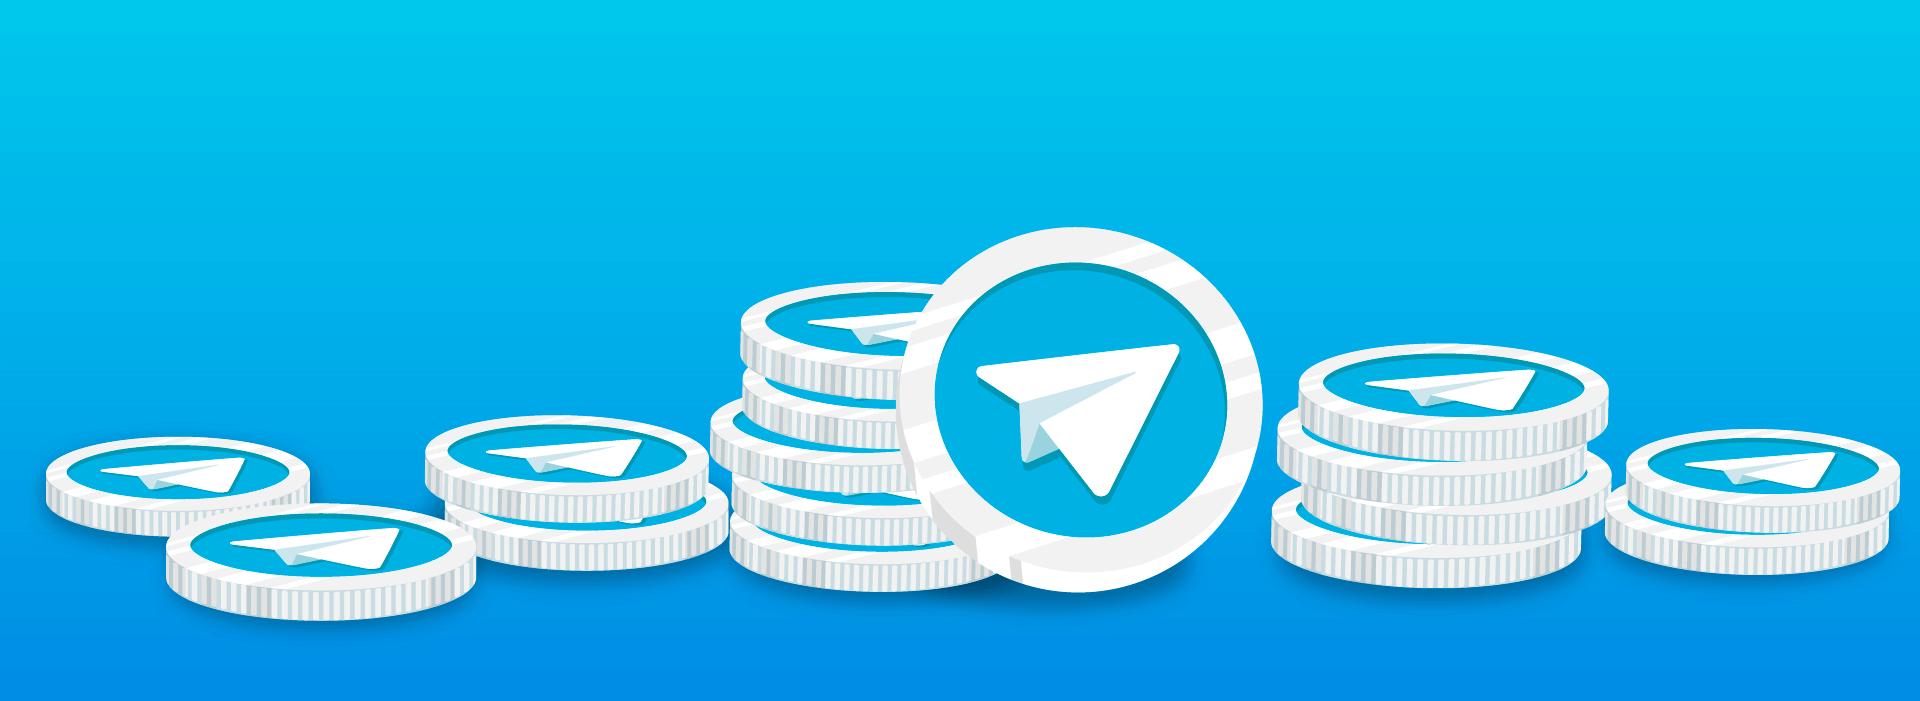 Просмотры Телаграм. Накрутка просмотров в Телеграм. Купить просмотры Телеграм. Накрутка просмотров Телеграм 2020.